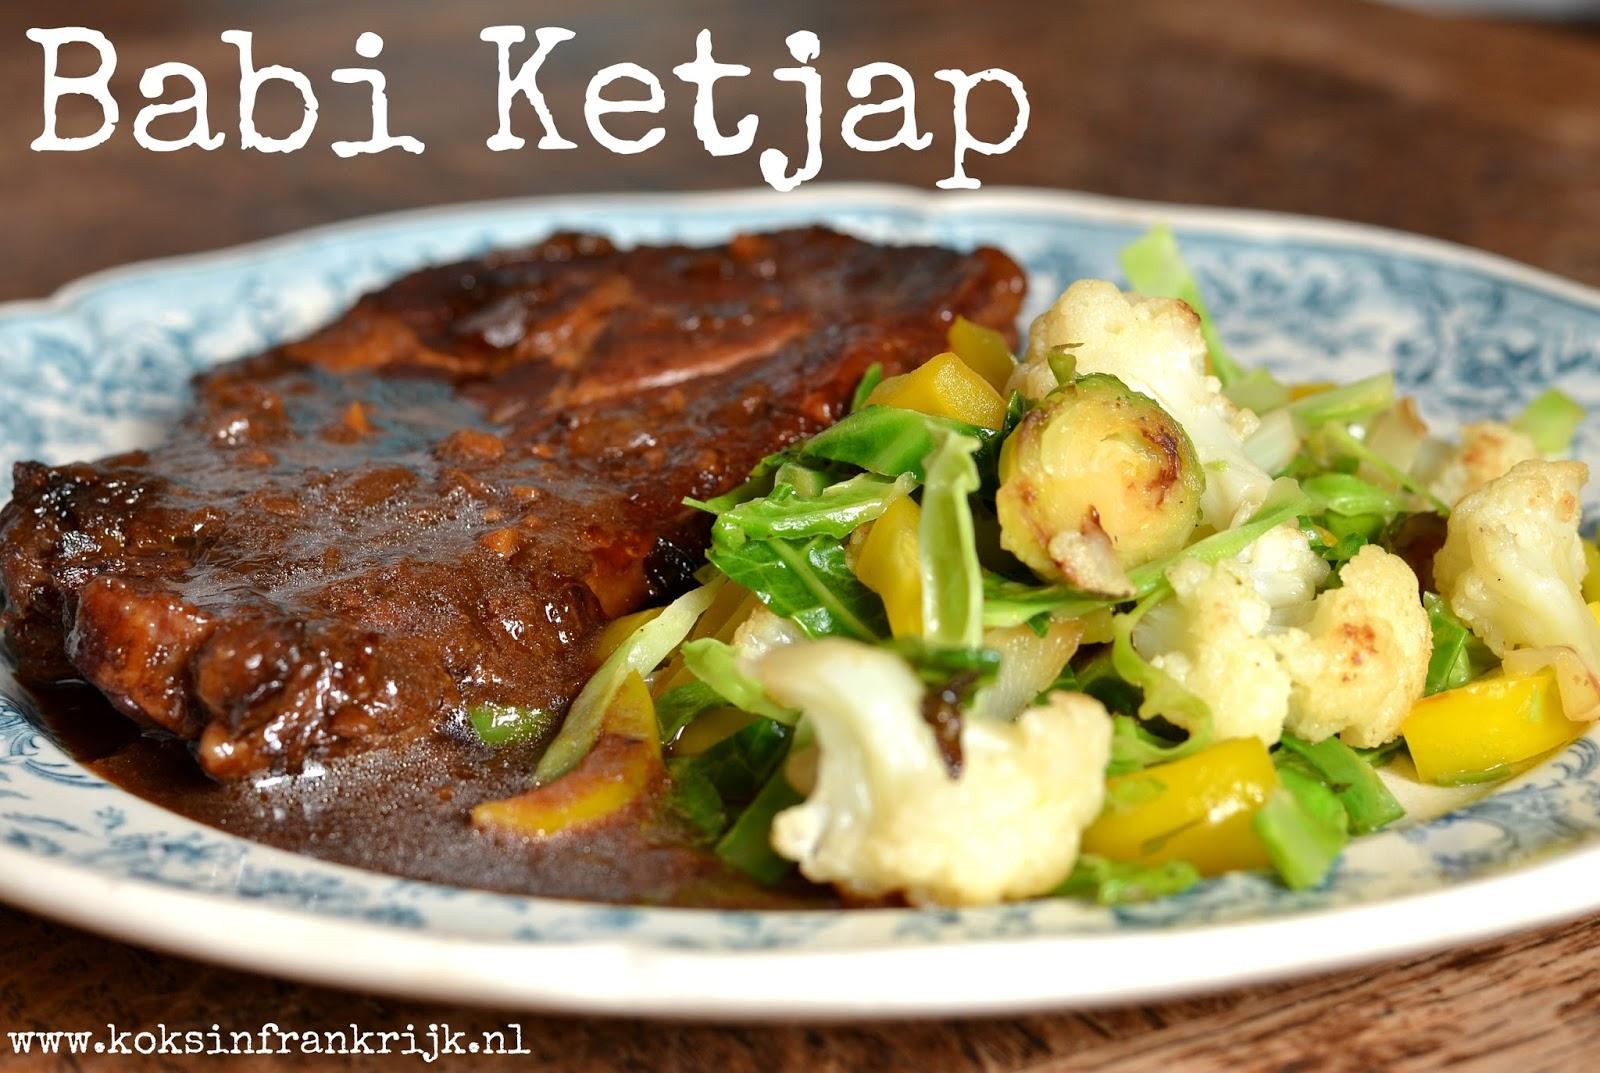 Indisch stoofpotje van varkensvlees: babi ketjap van karbonade